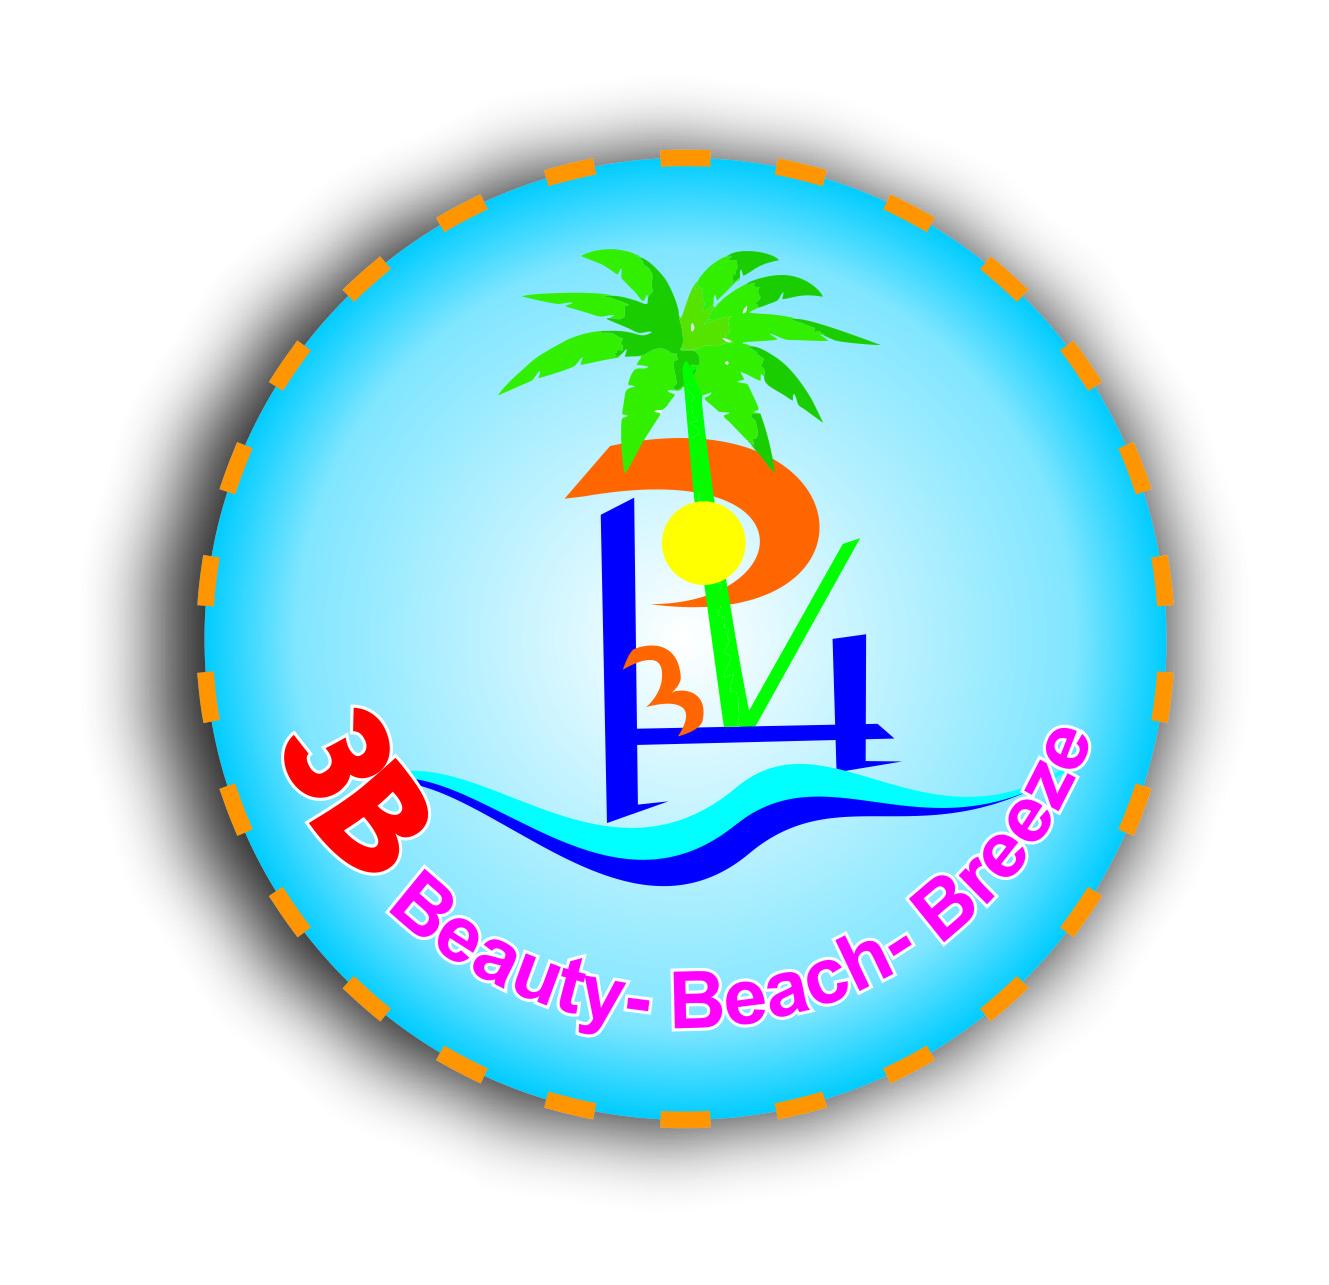 """Accommodation """"3B - Beautiful, Beach, Breeze"""